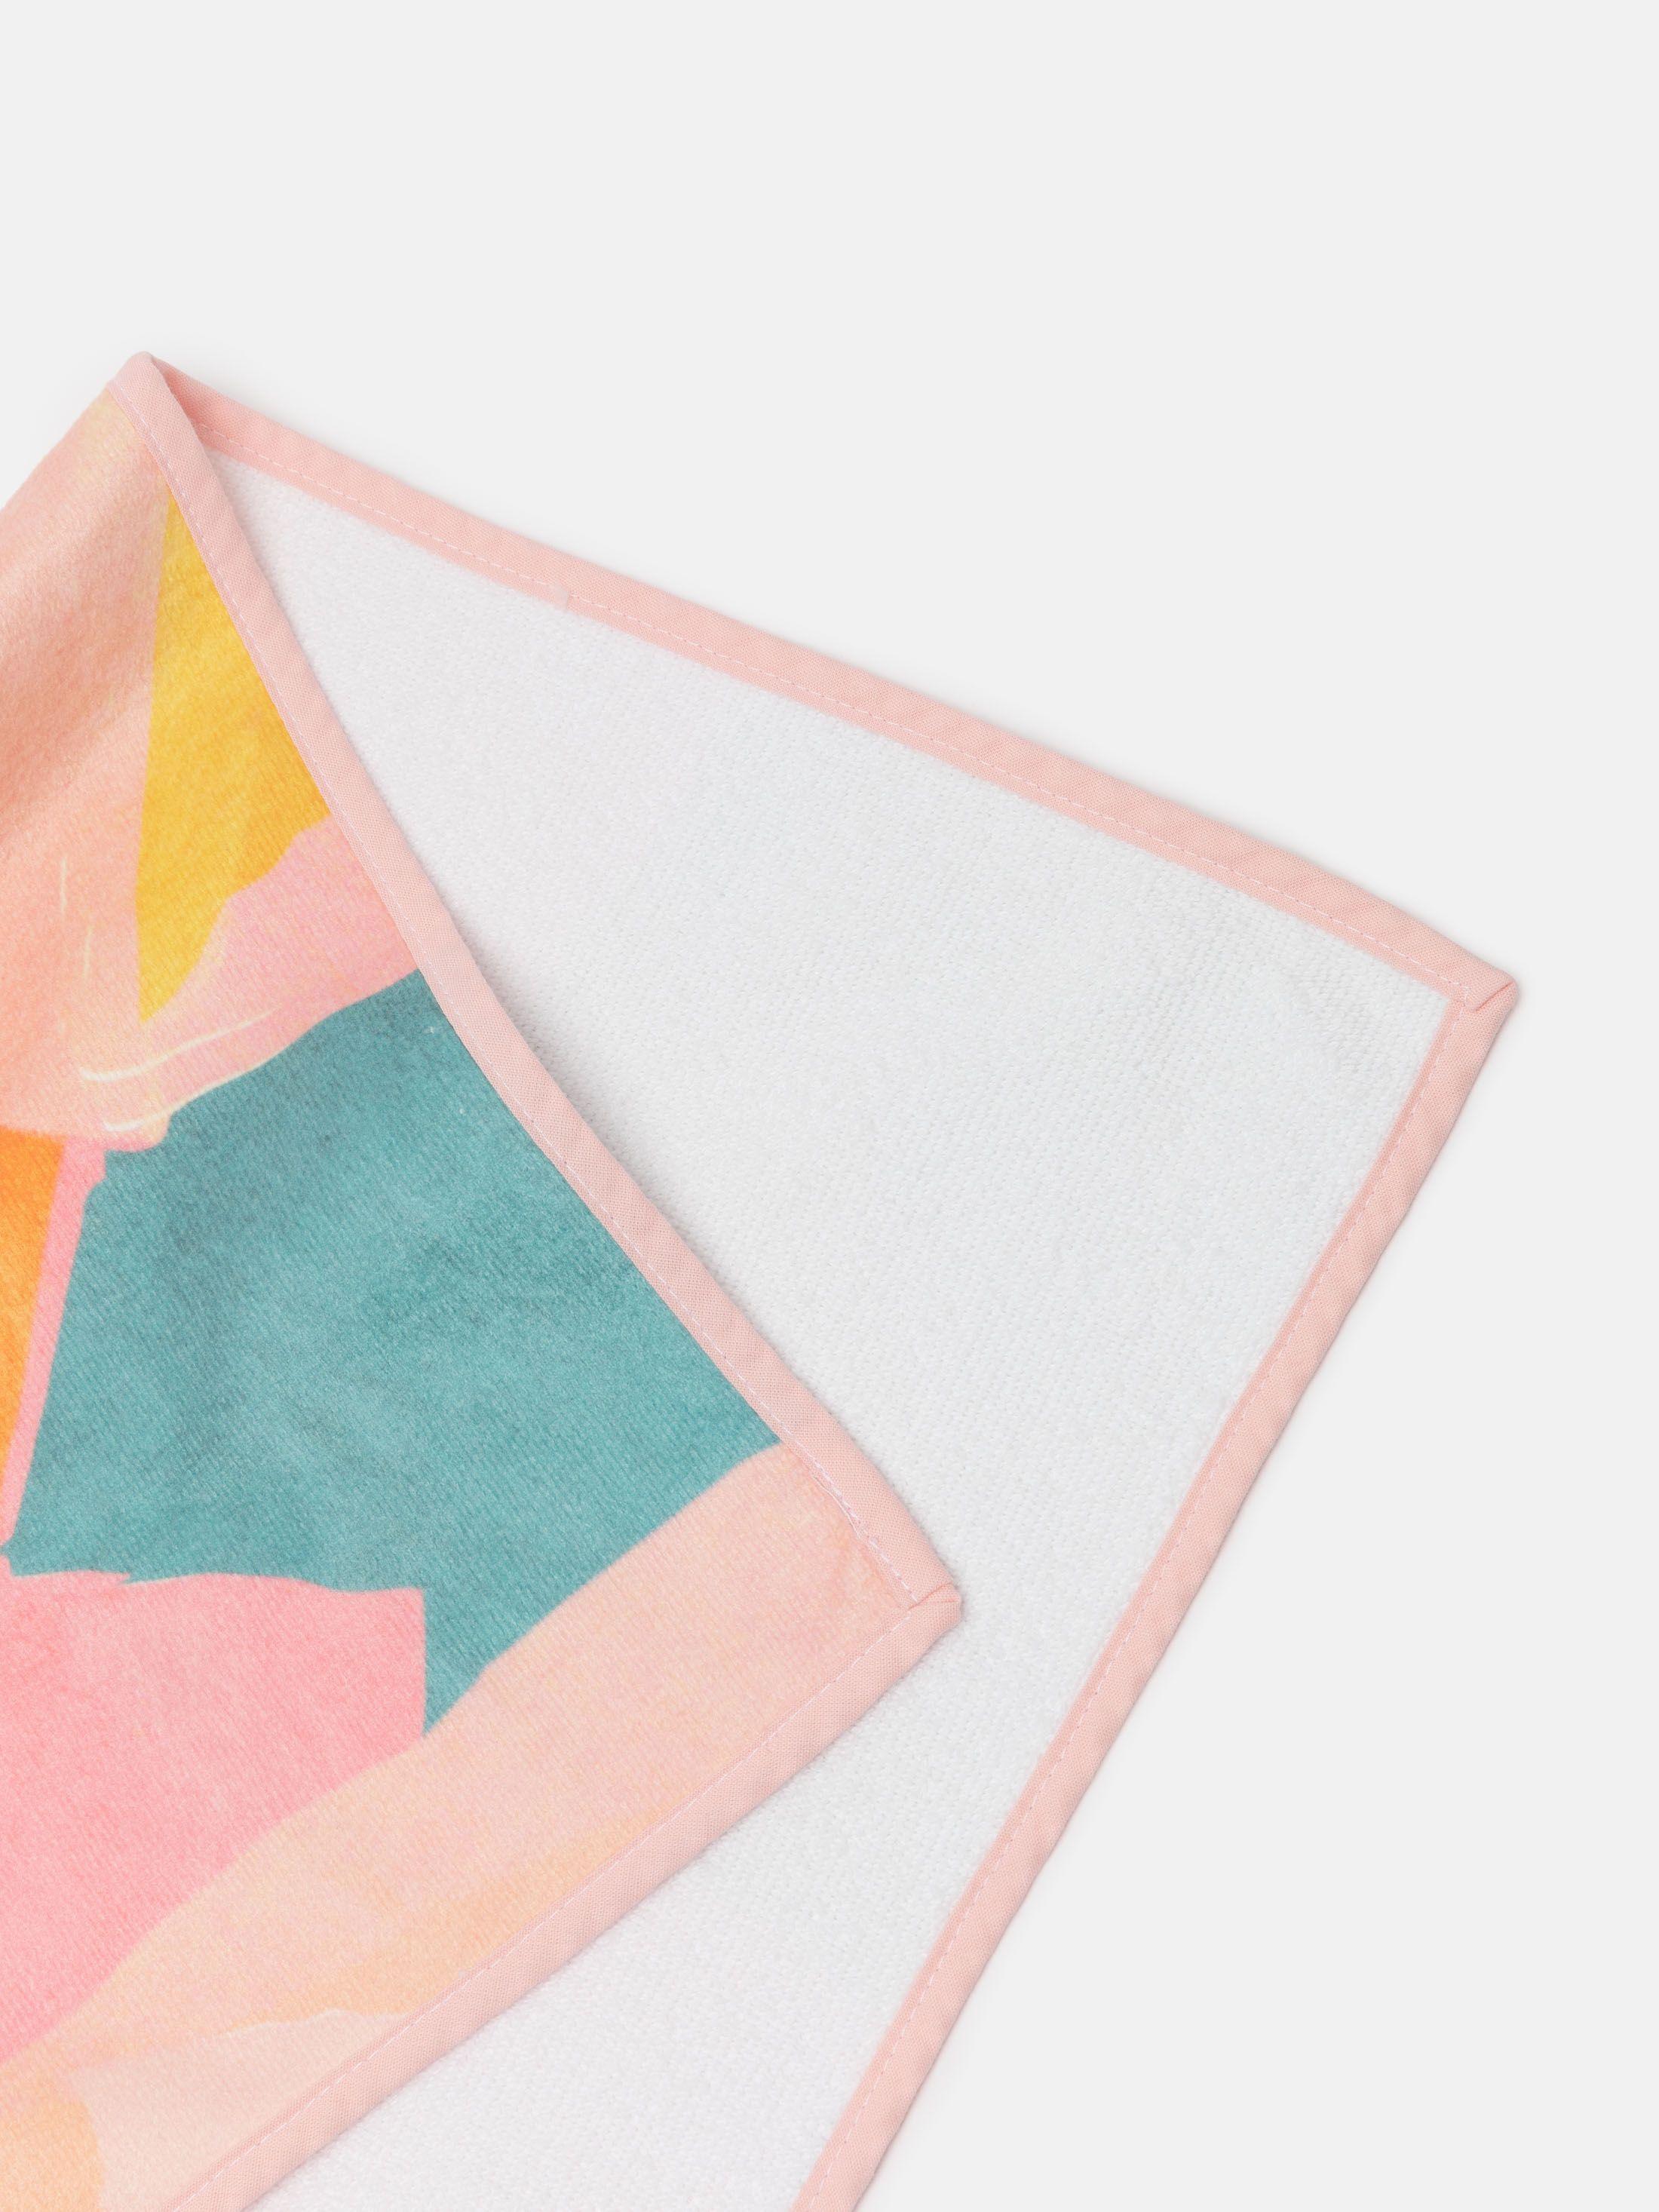 Différentes couleurs pour les bordures de la serviette